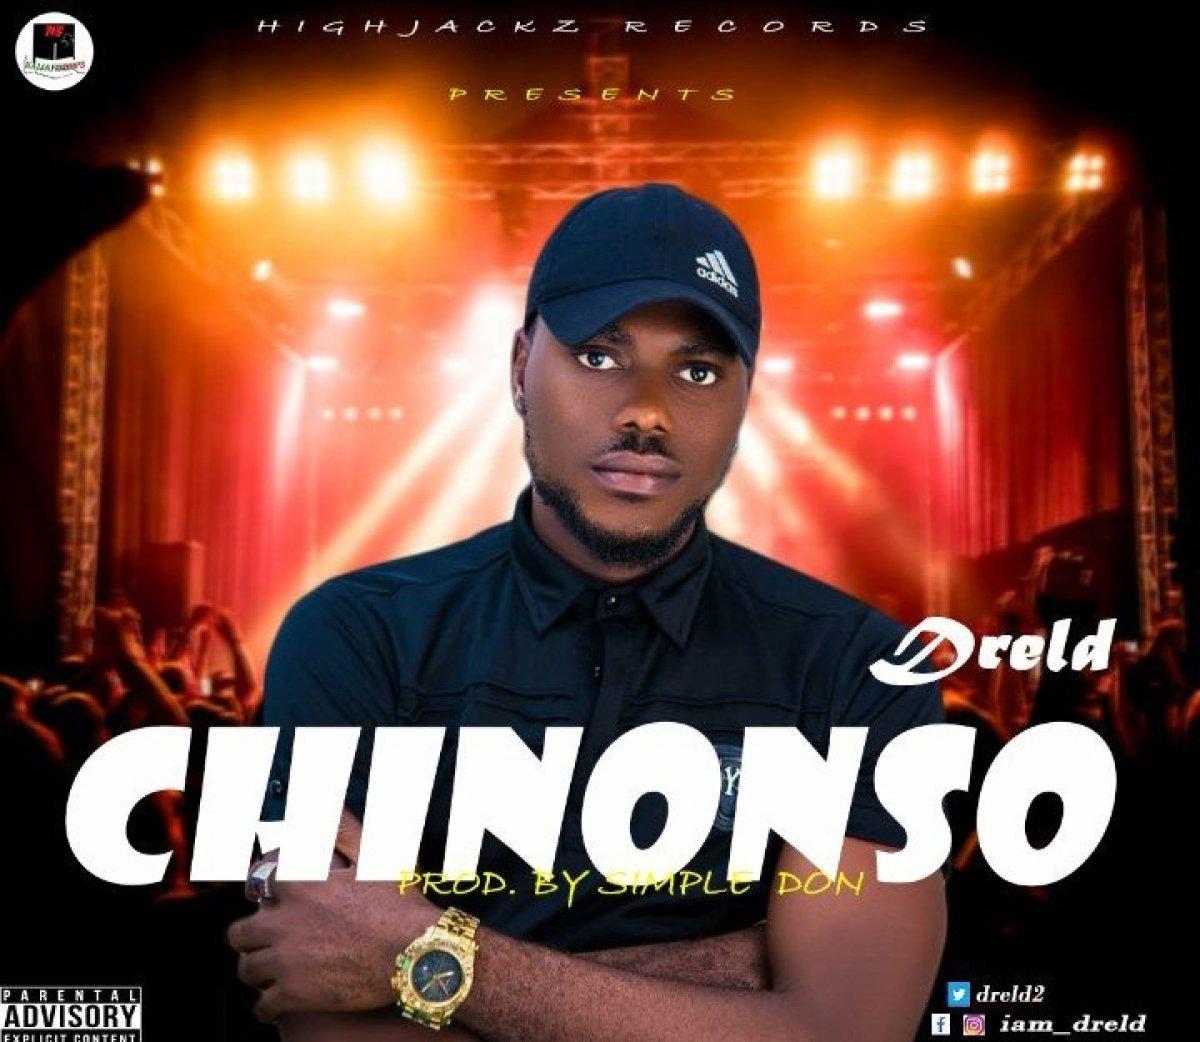 Download Mp3 Dreld – Chinonso